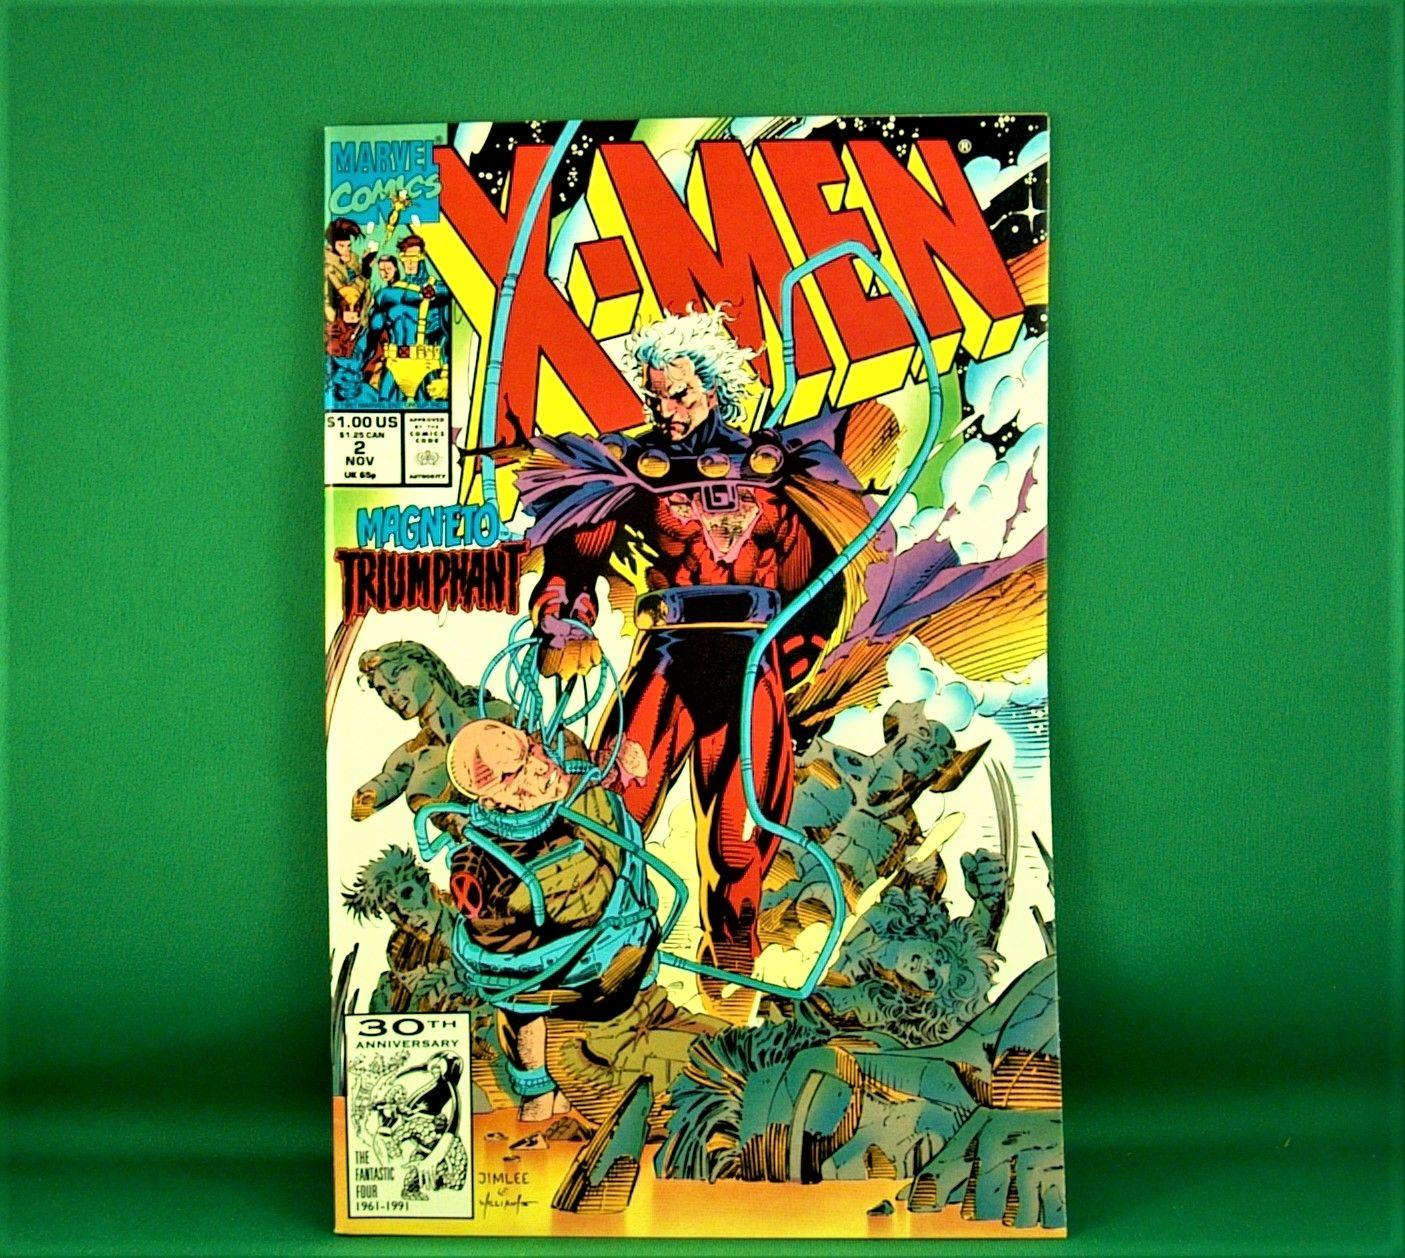 Marvel Comics X Men 2 Magneto Triumphant November 1991 In 2020 Marvel Comics Marvel X Men